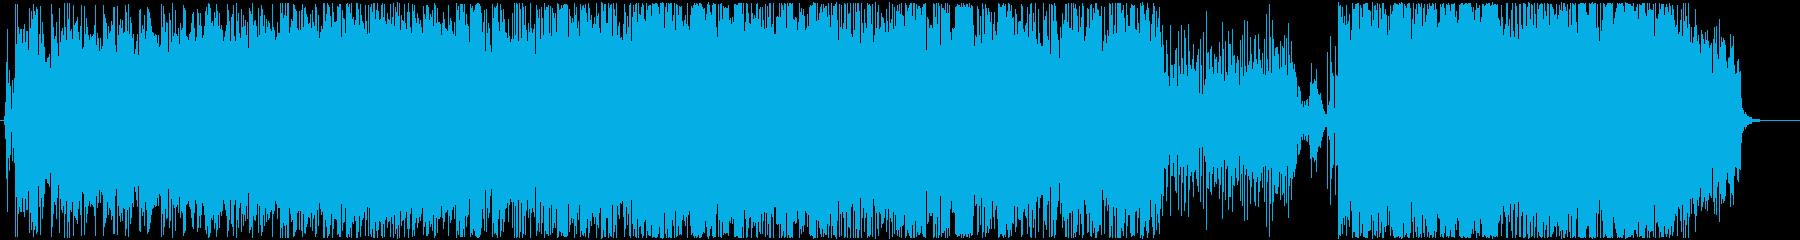 女性ボーカル主体のチル、ポップの再生済みの波形